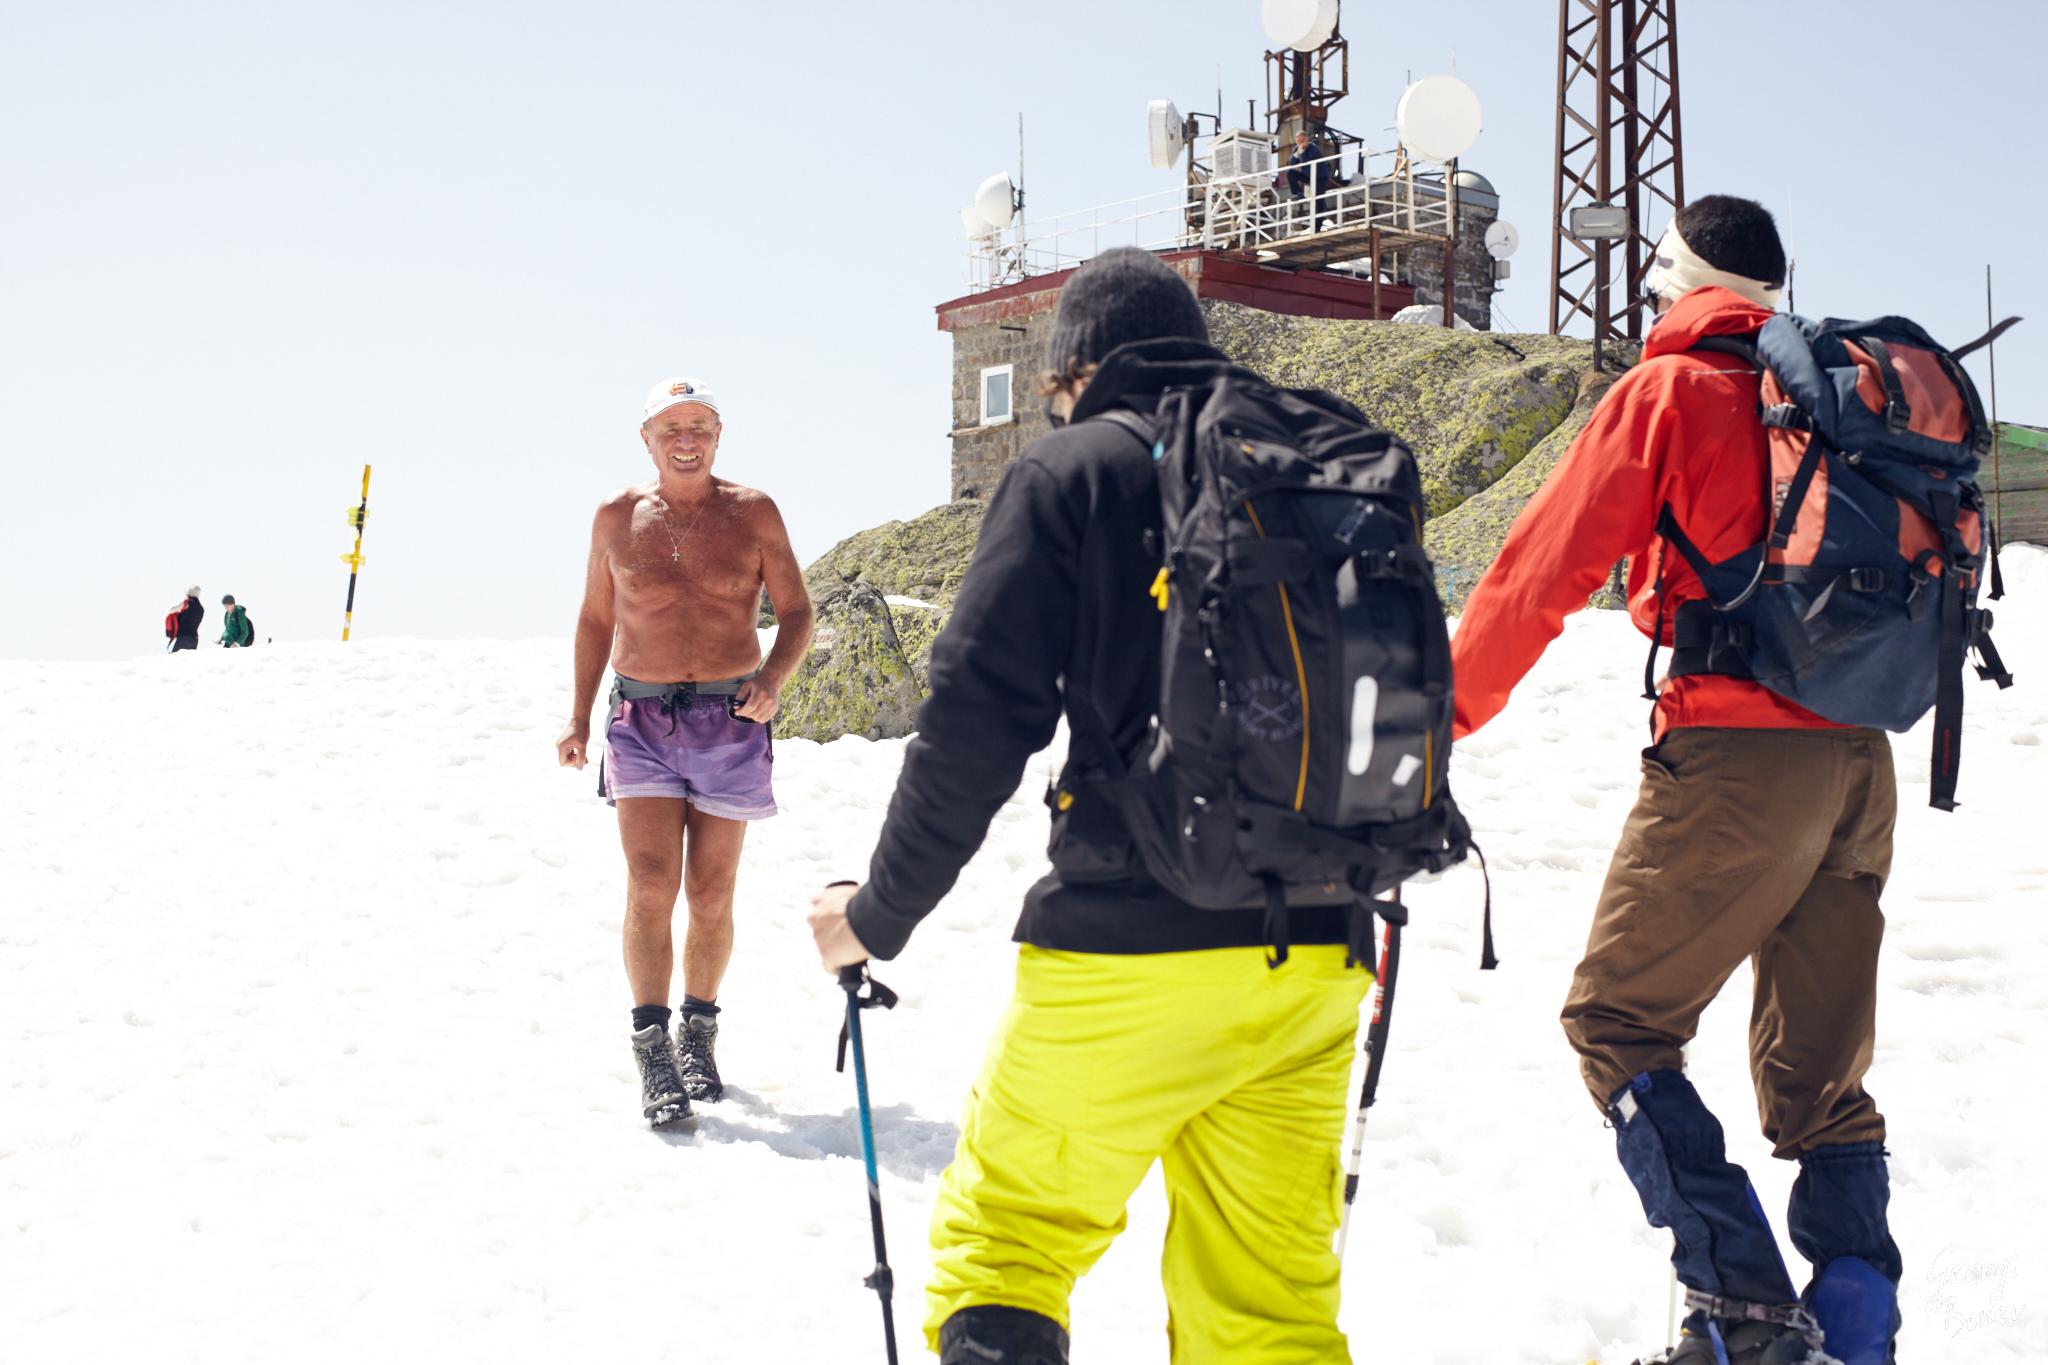 Winter Climb of Cherni Vrah on Vitosha